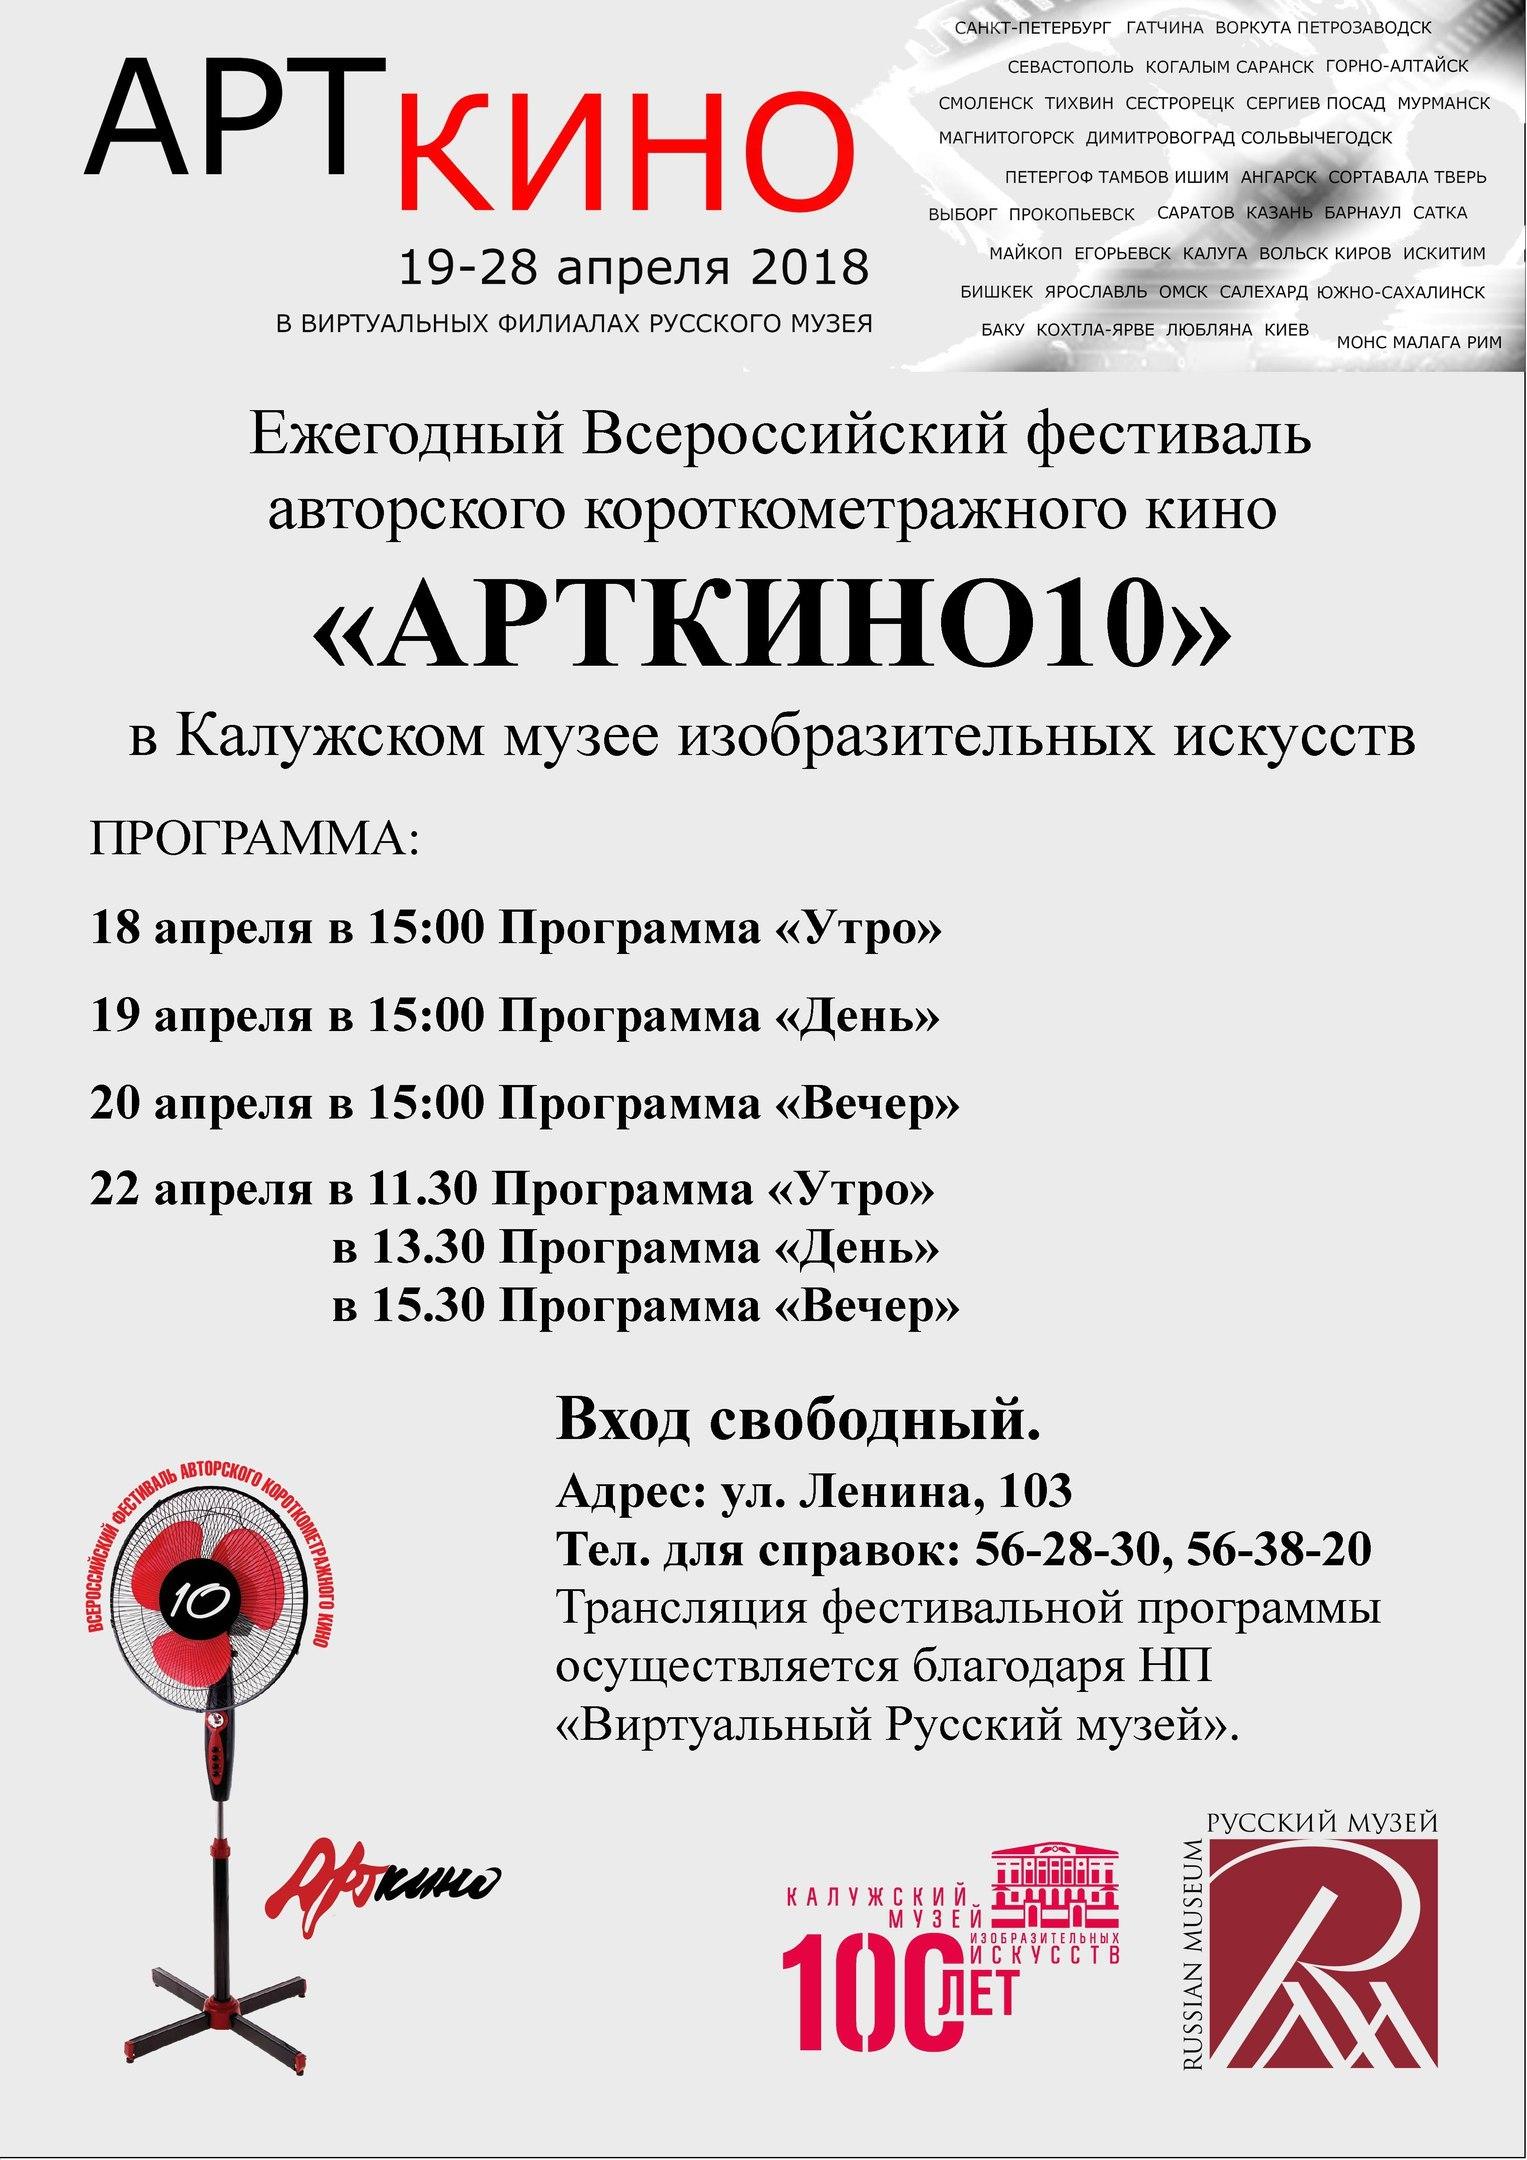 Фестиваль авторского короткометражного кино «Арткино 10»